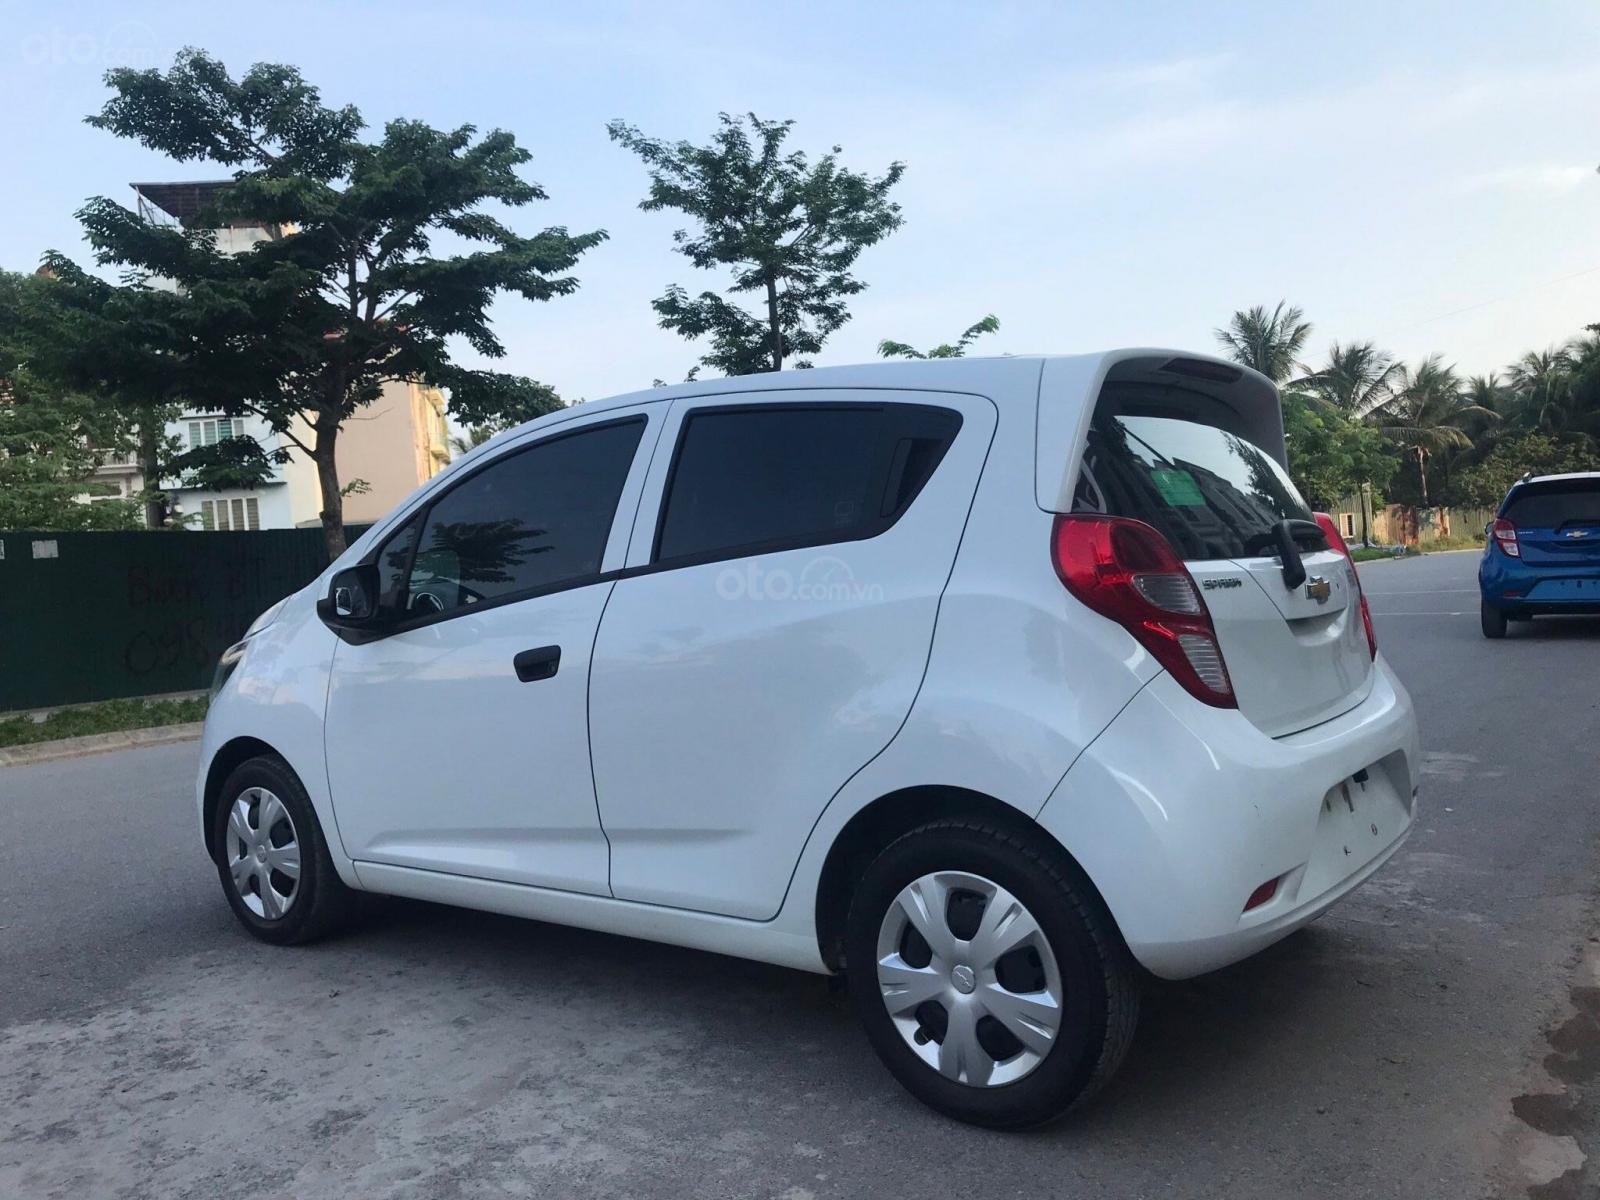 Cần bán gấp Chevrolet Spark đời 2018, màu trắng, rất mới, đi chuẩn 26.000 km (8)